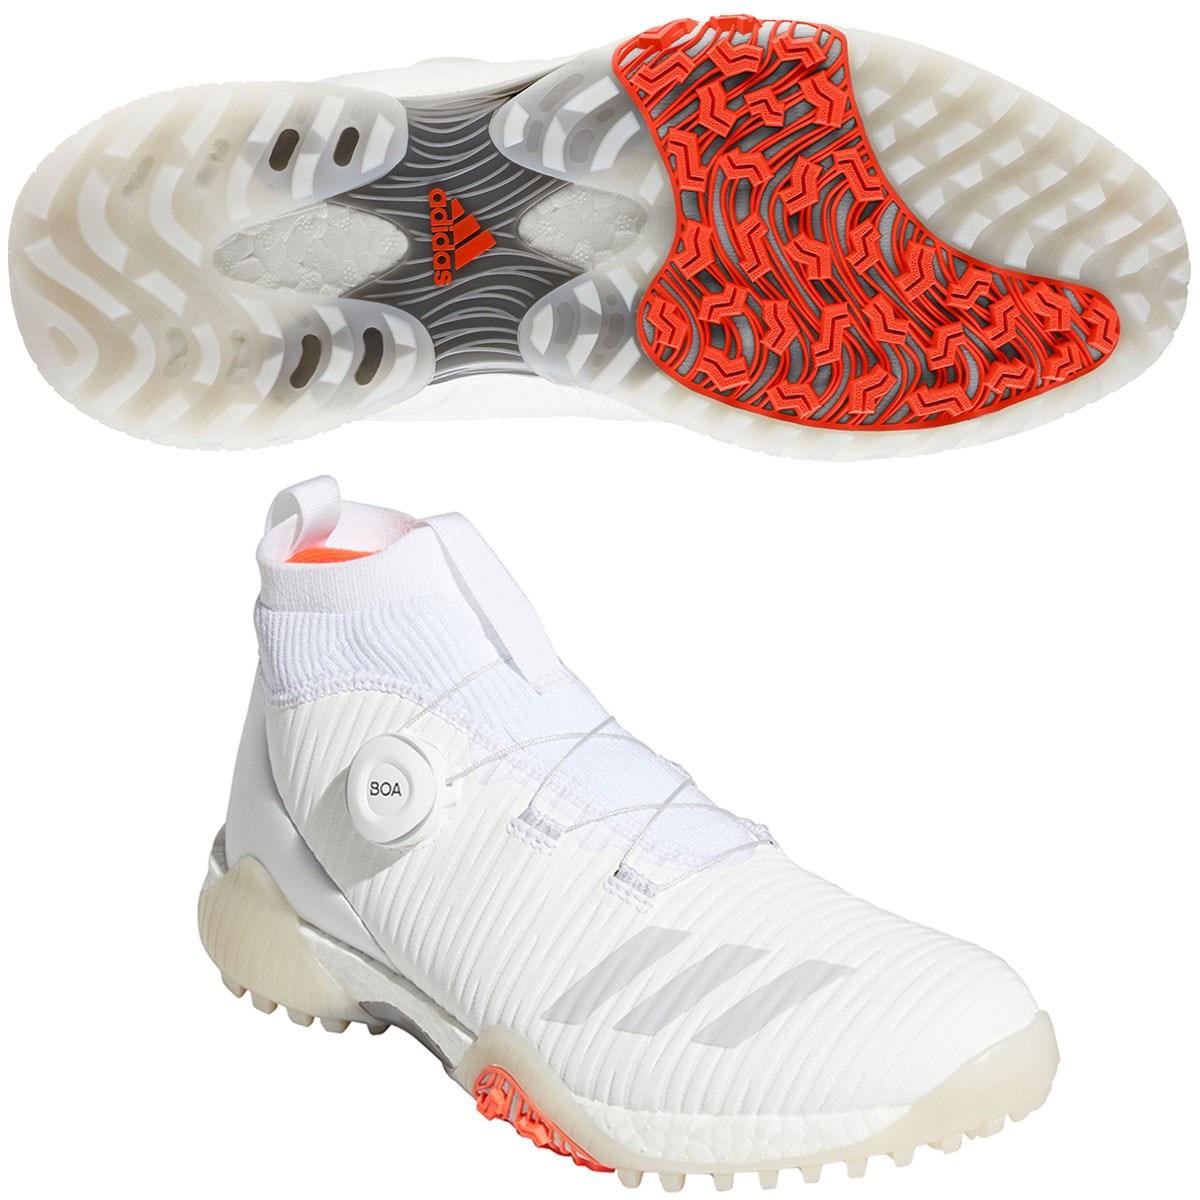 アディダス Adidas コードカオスボアミッドシューズ 24cm フットウェアホワイト/グレーワン/ソーラーレッド レディス